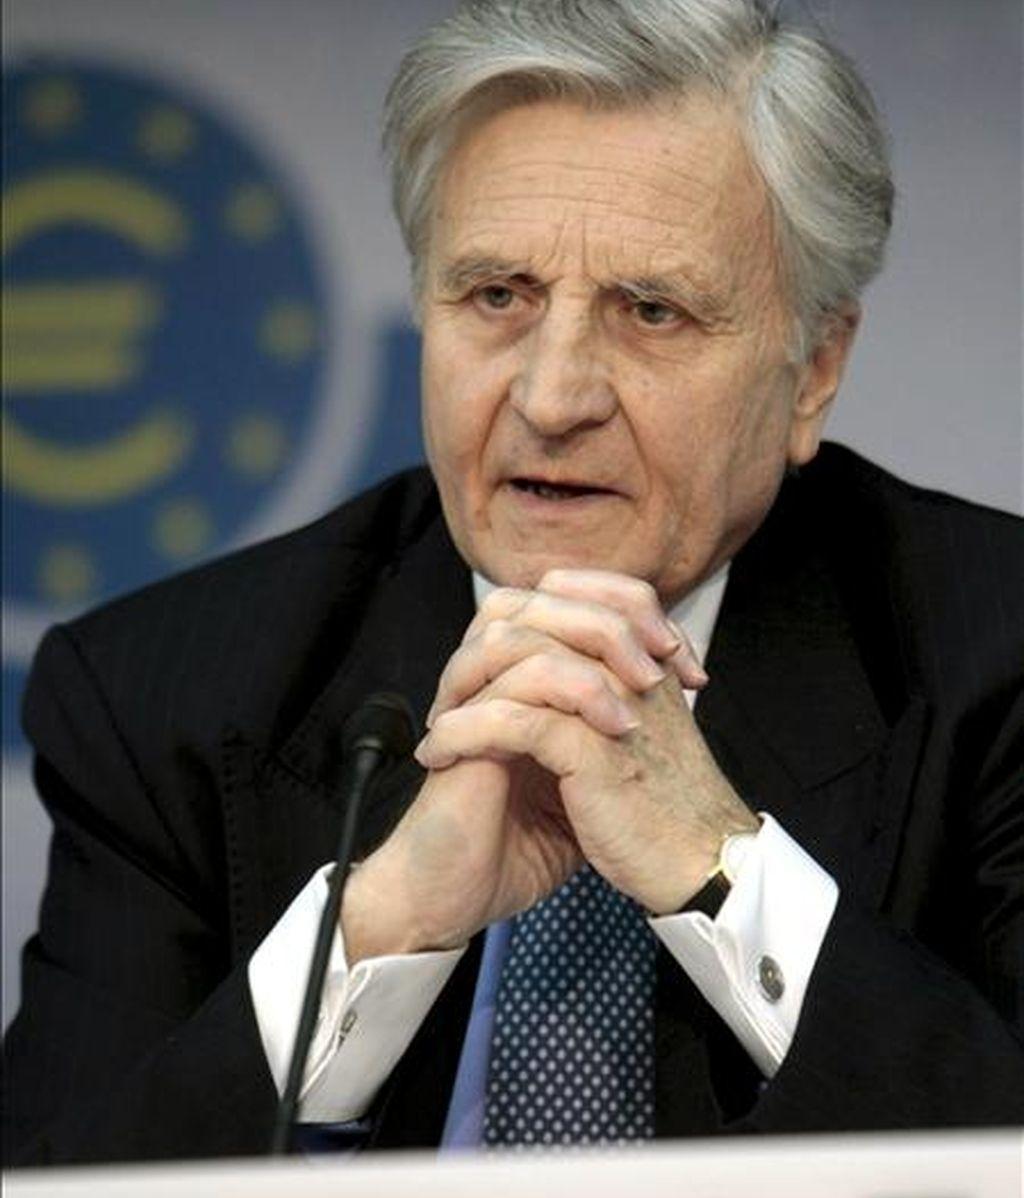 El presidente del Banco Central Europeo (BCE), Jean-Claude Trichet, durante una rueda de prensa en Fráncfort, Alemania. EFE/Archivo